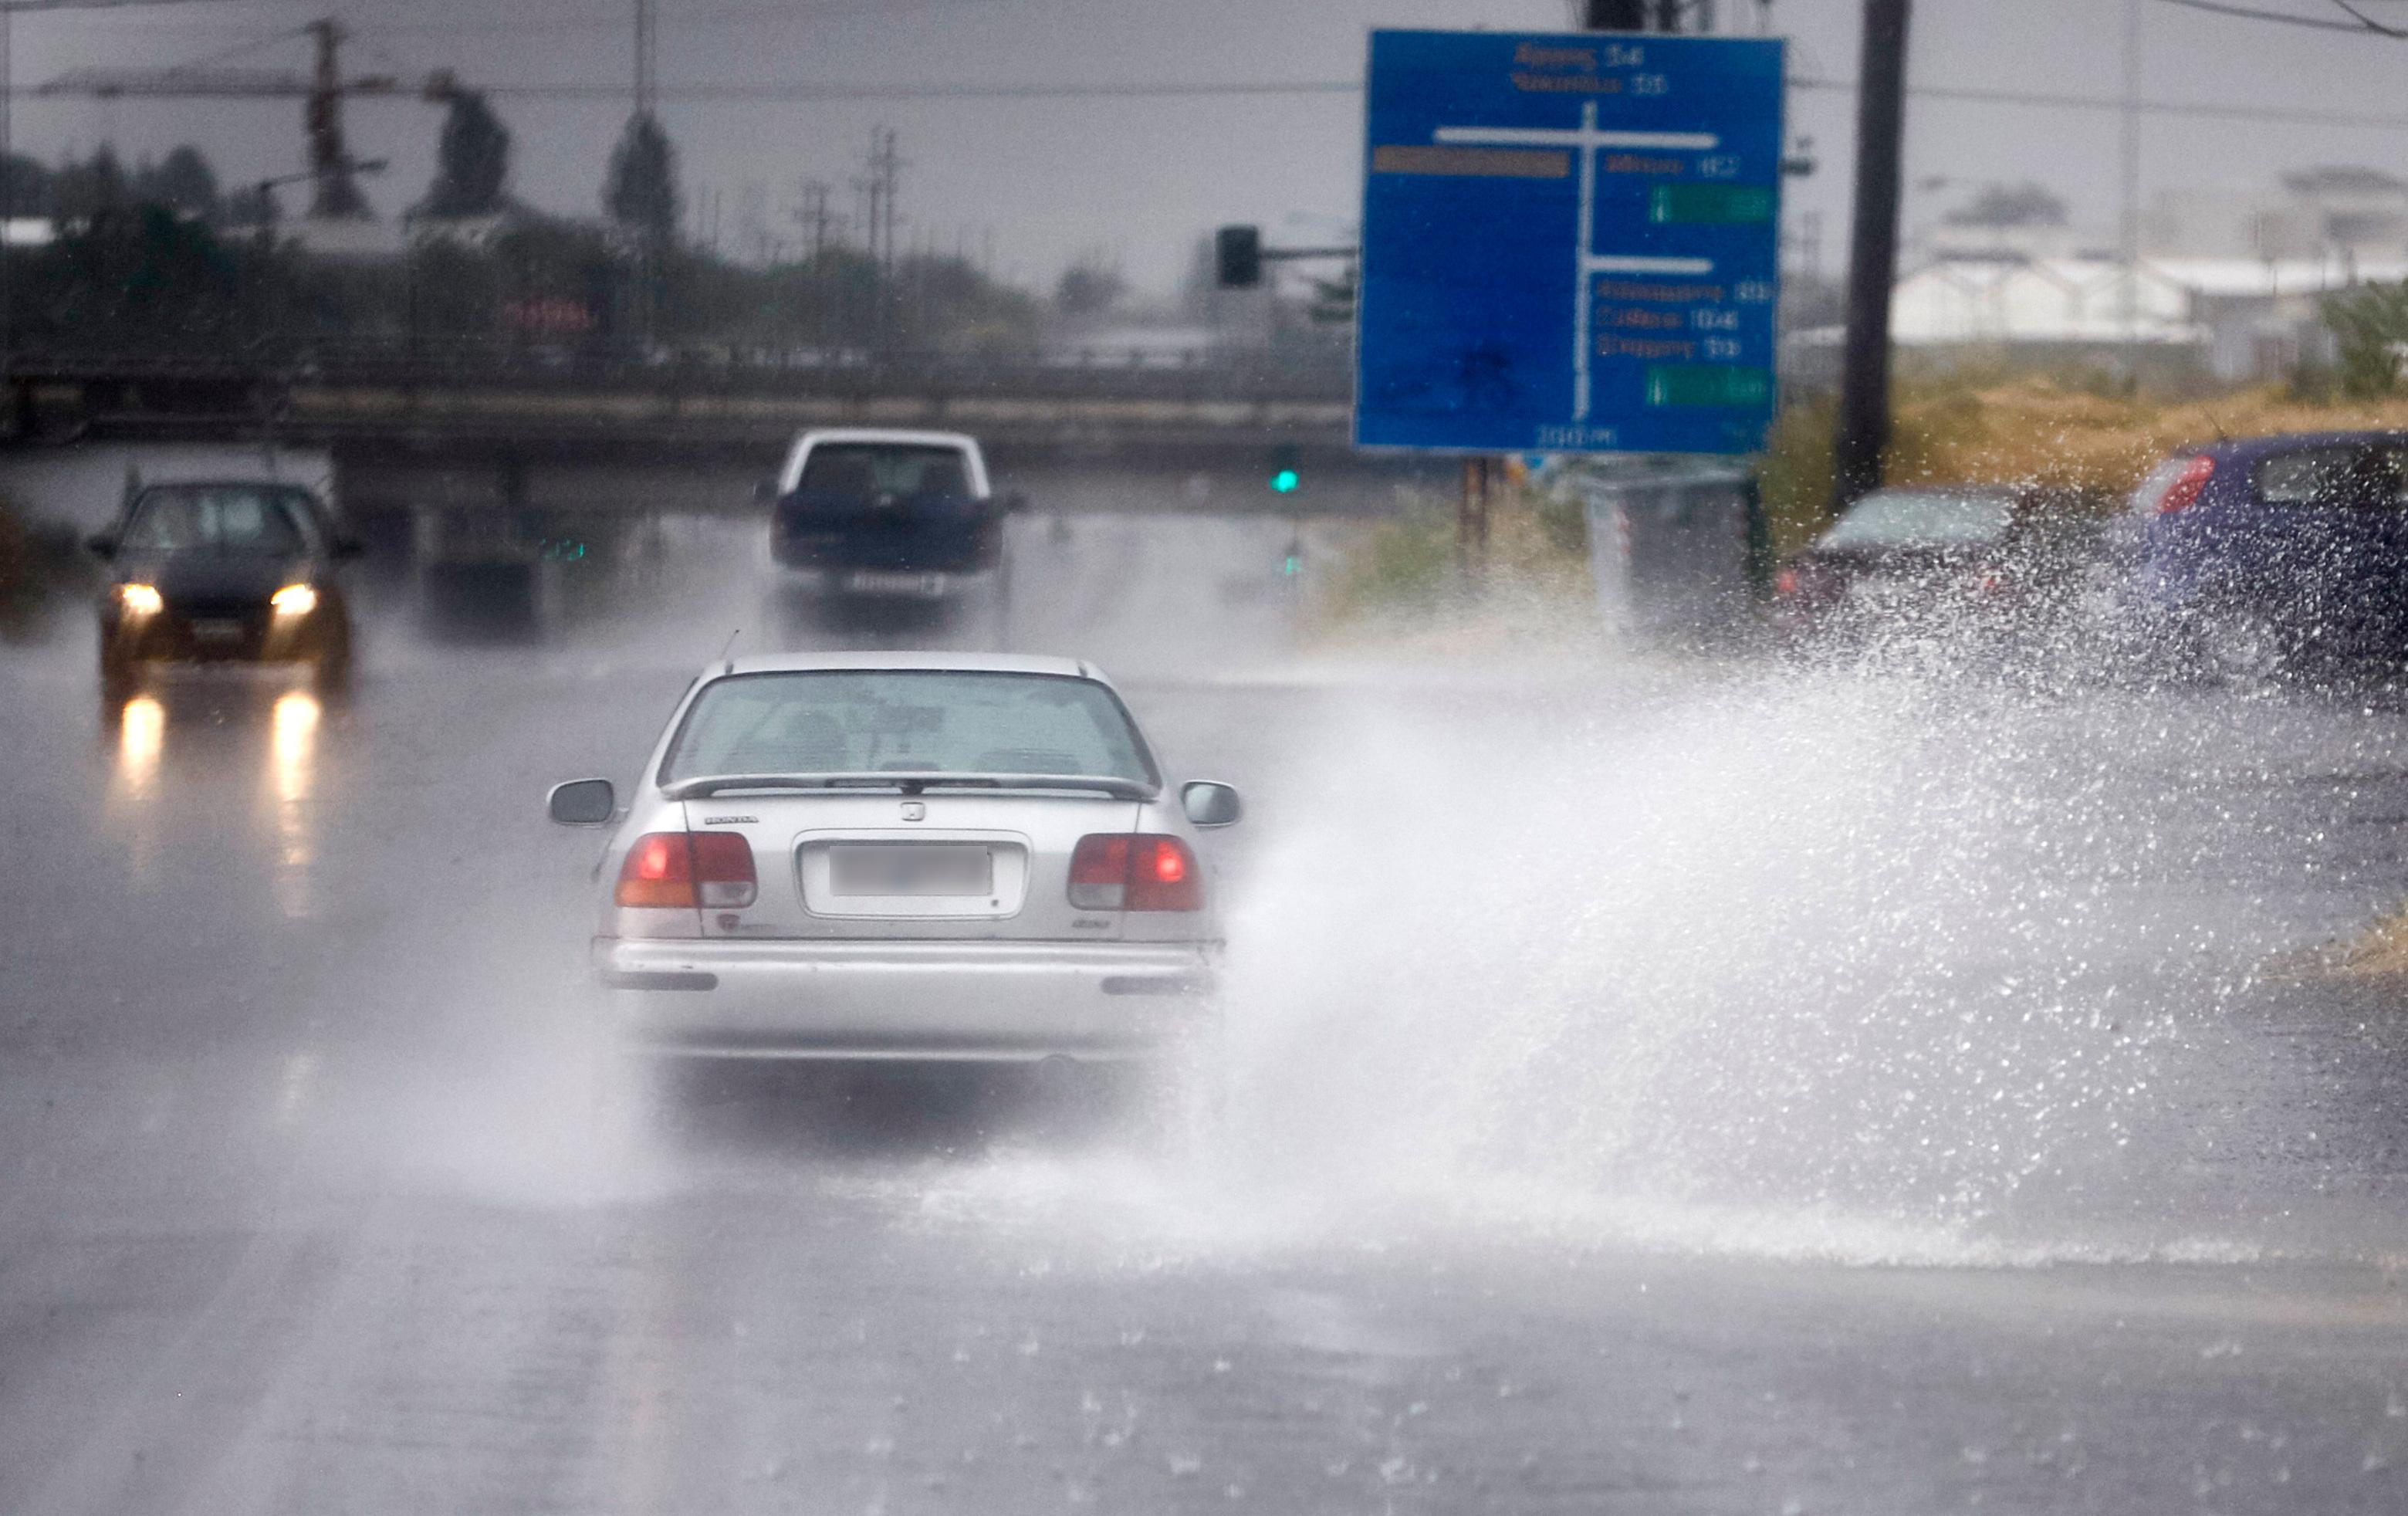 Καιρός σήμερα: Επέλαση κακοκαιρίας με καταιγίδες και θυελλώδεις ανέμους